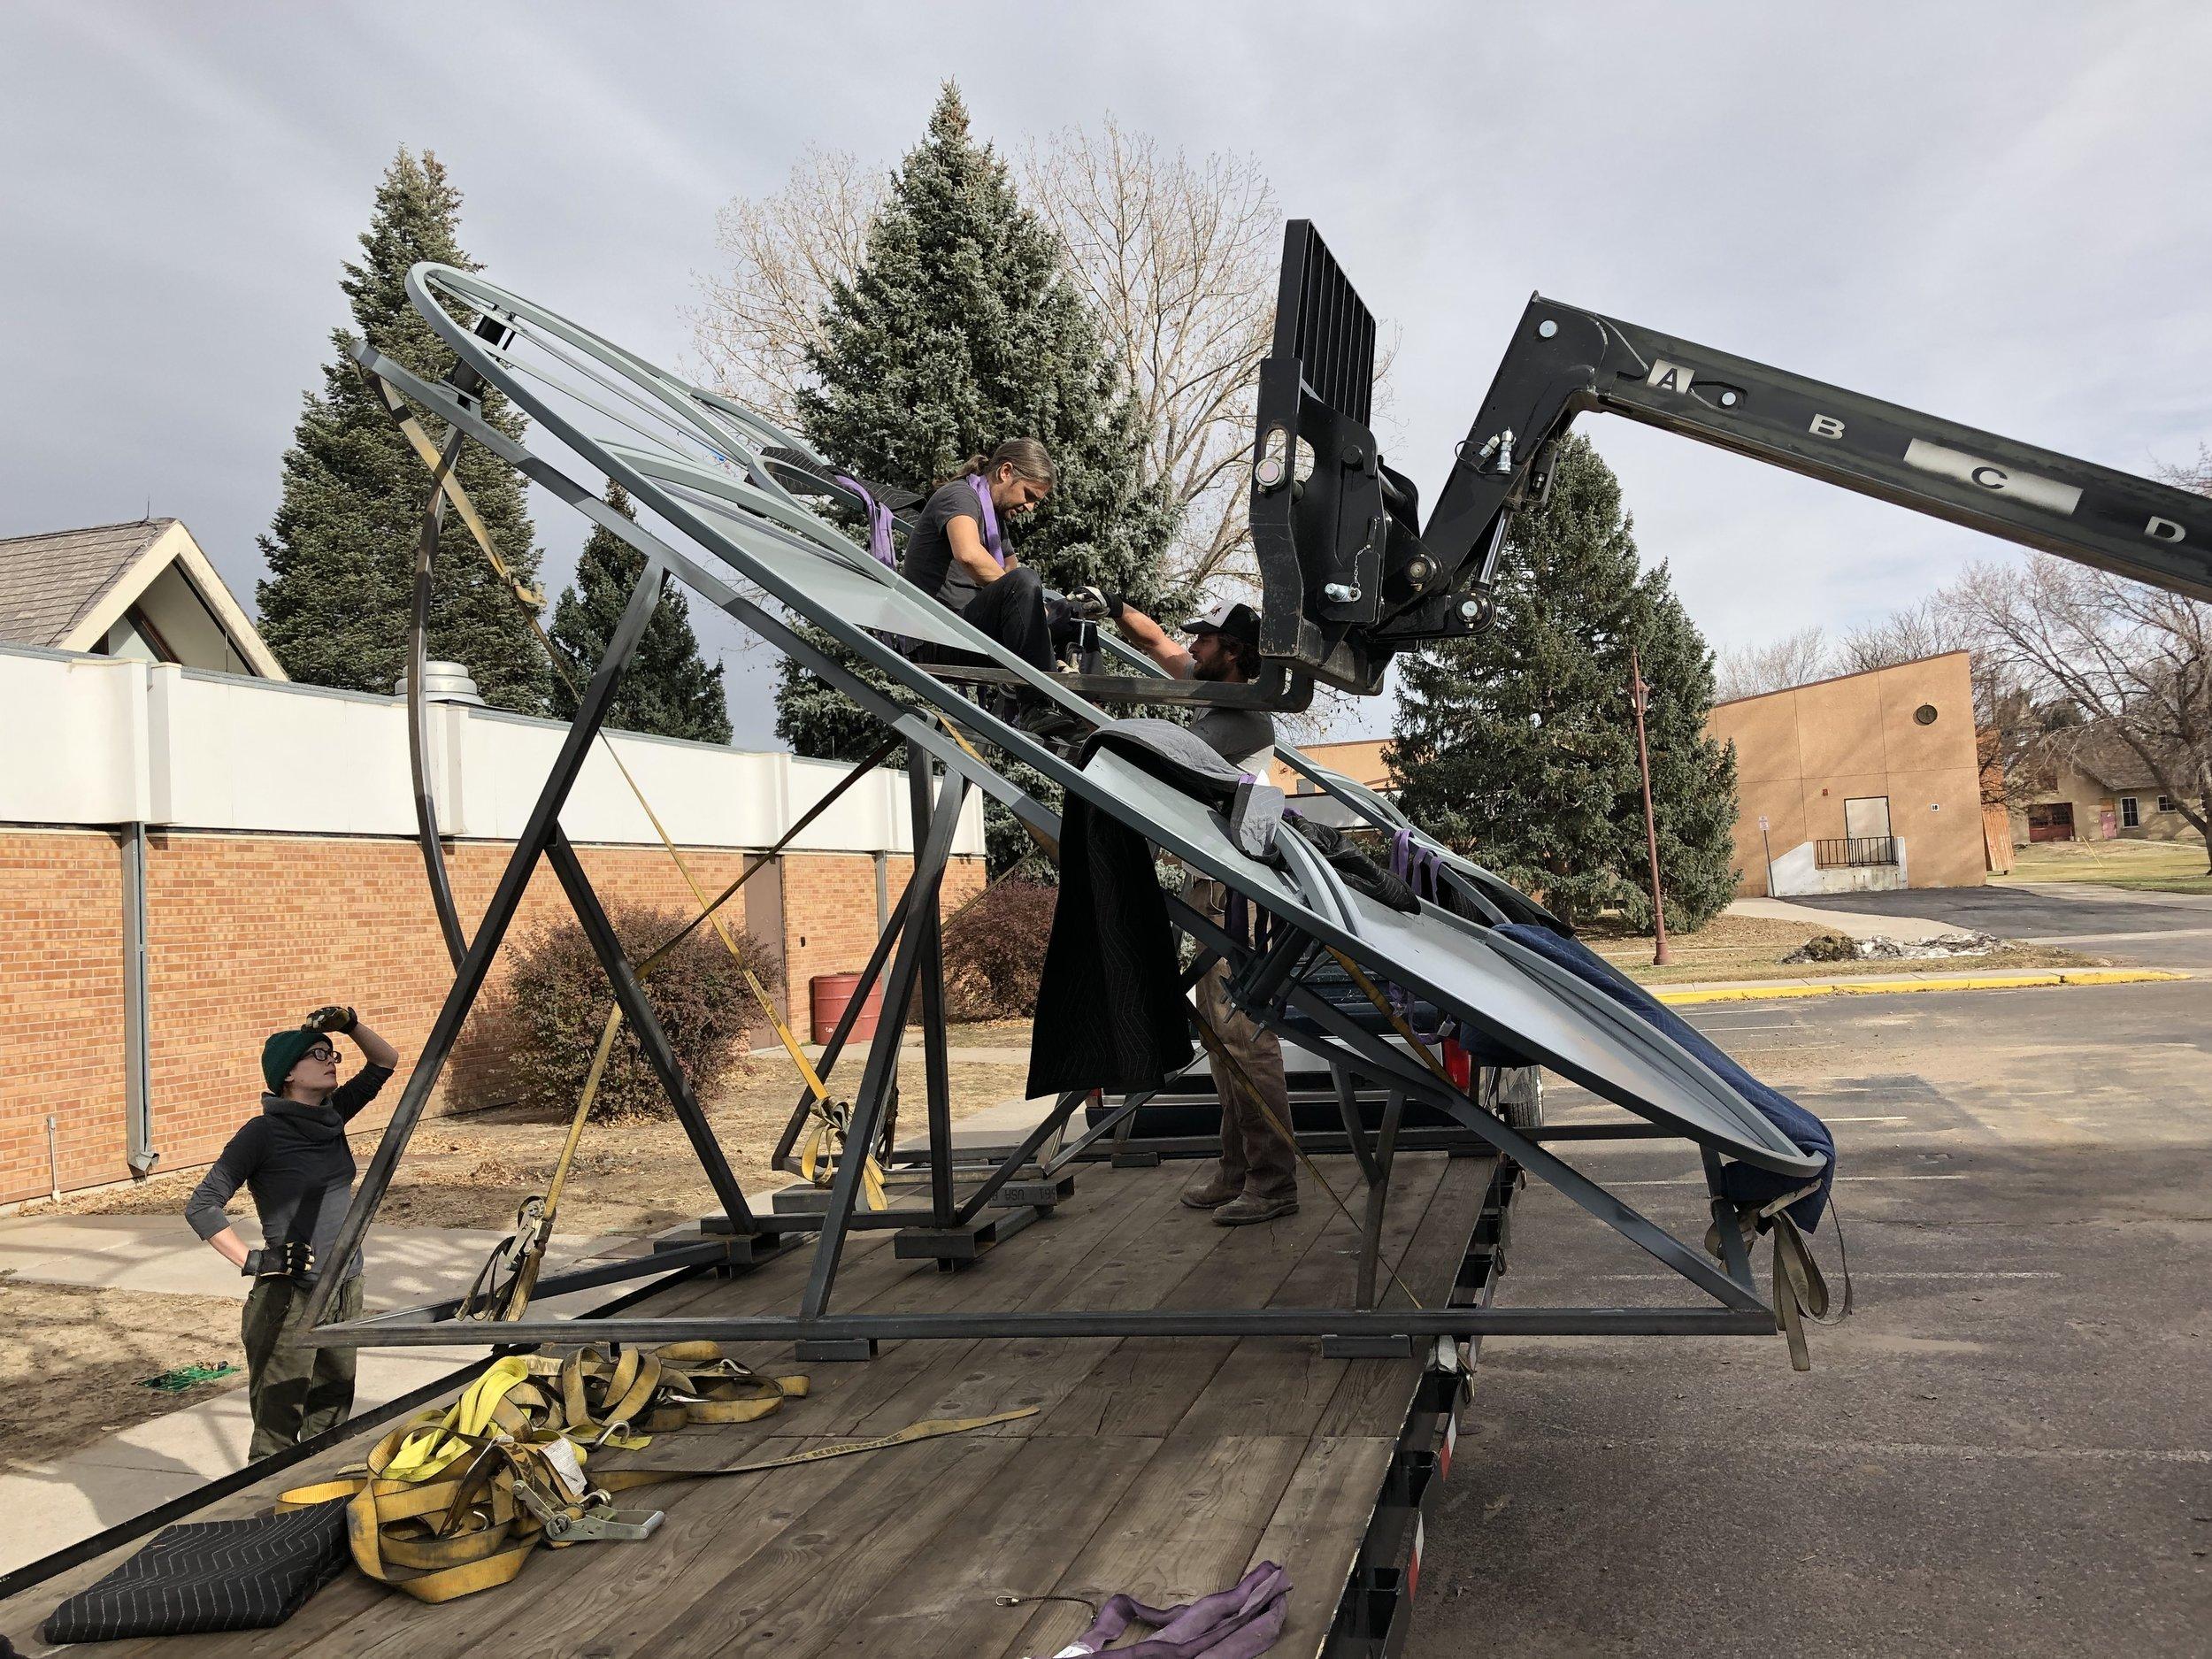 Colorado Springs_Colorado_Matthew Geller_Public Art Services_J Grant Projects_2.jpg